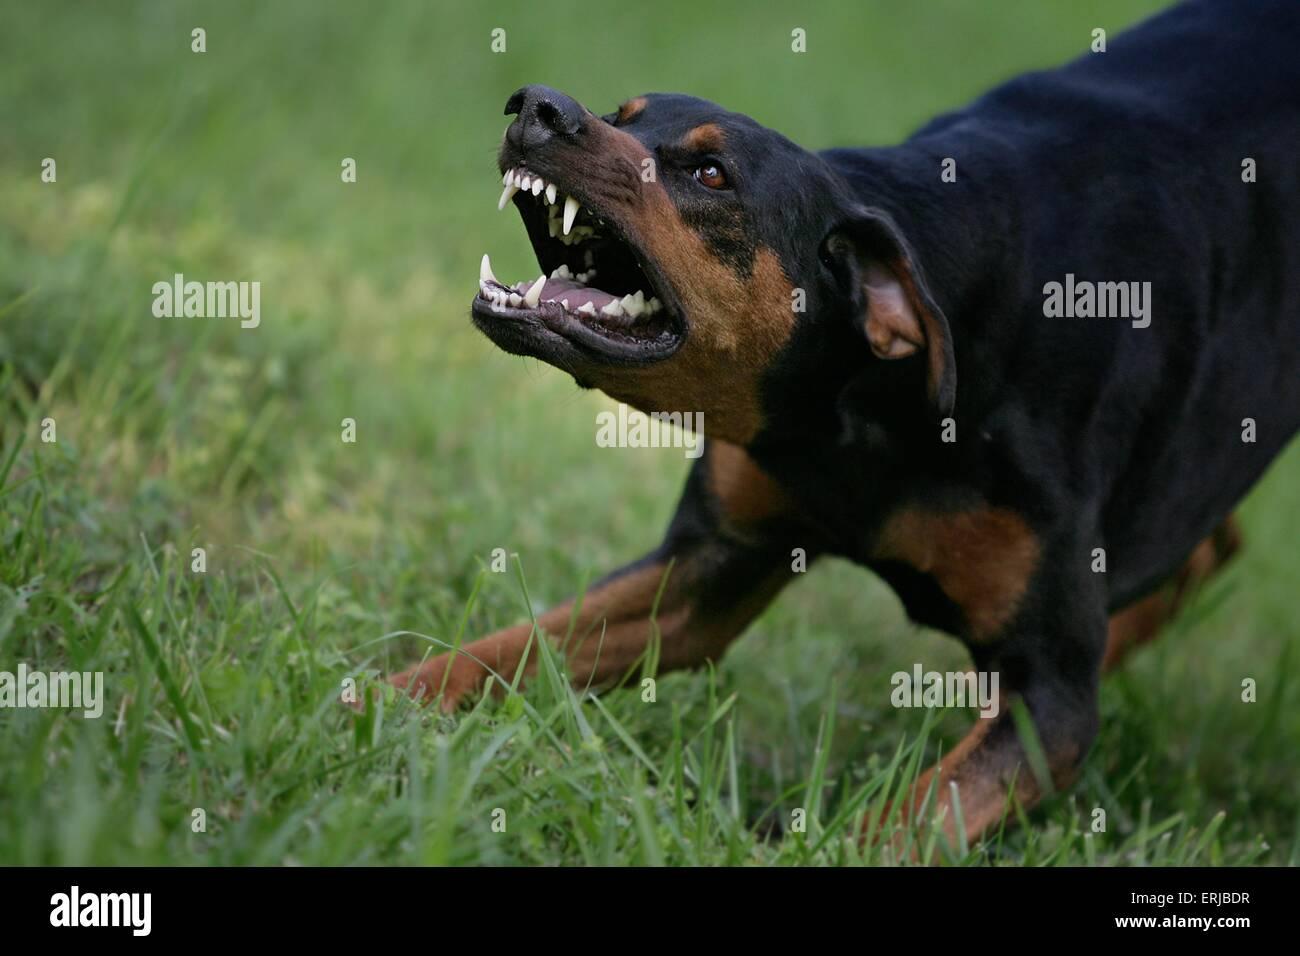 Big Black Dog Barking